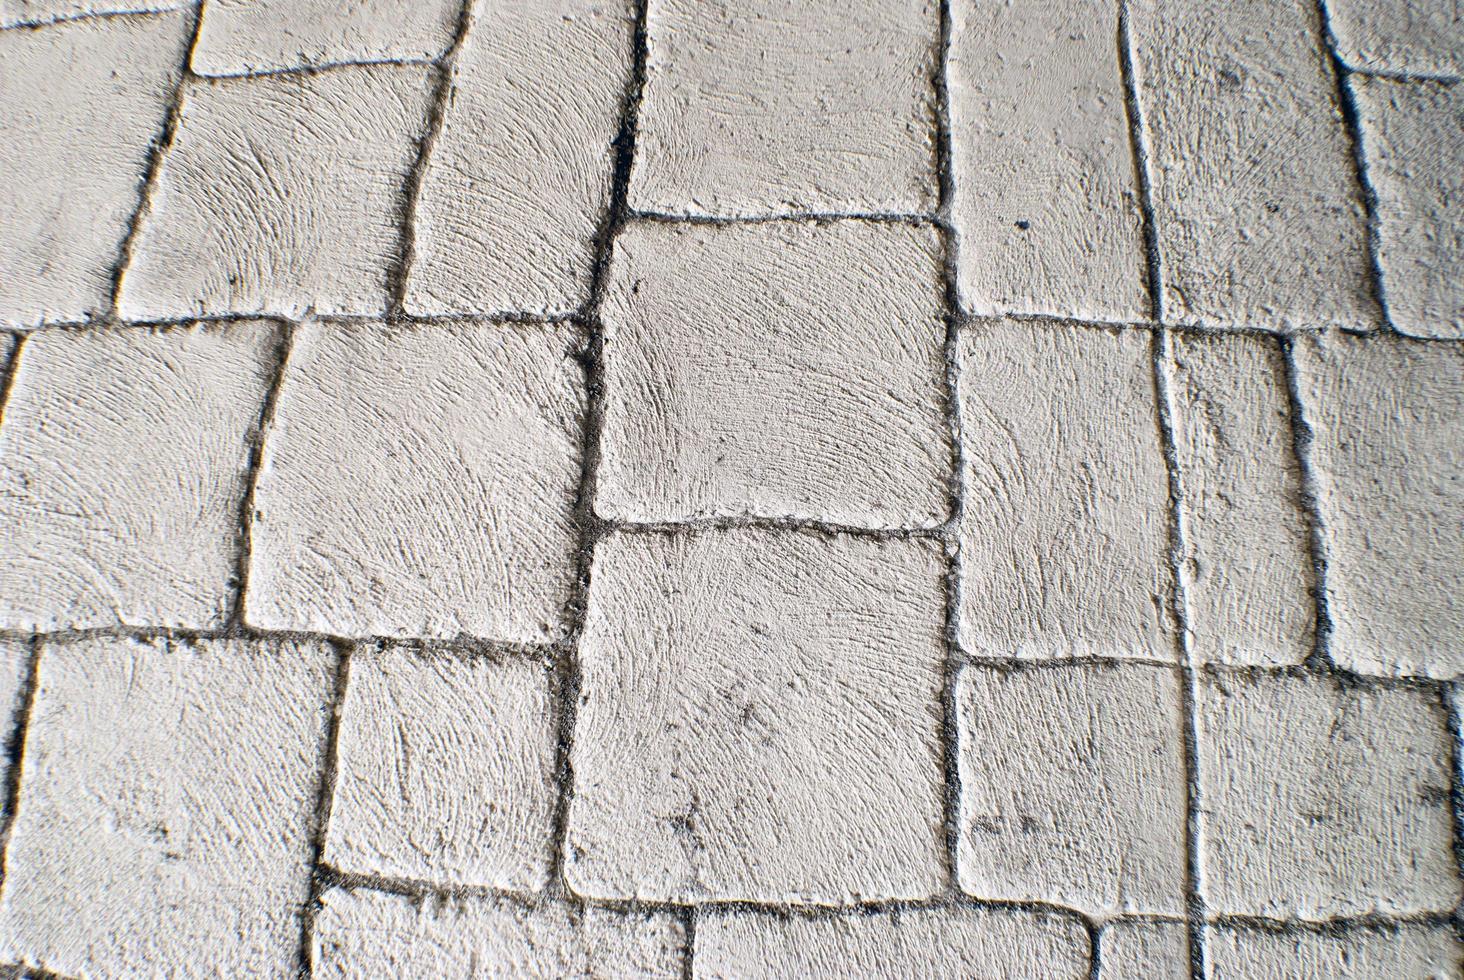 strukturierter Hintergrund der weißen Pflastersteine unter einer Brücke foto